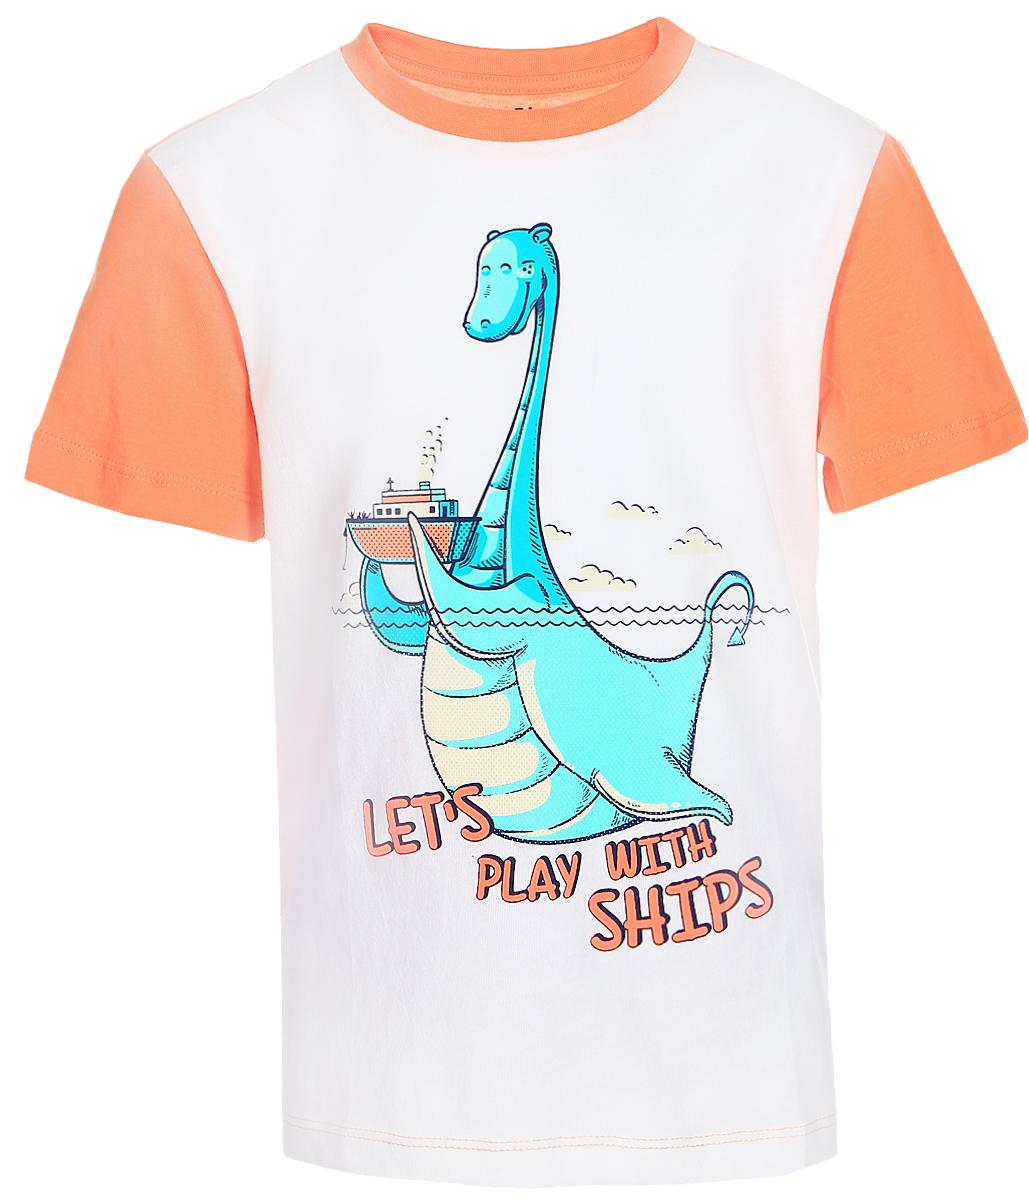 Футболка для мальчика Sela, цвет: белый. Ts-711/189-7213. Размер 104, 4 годаTs-711/189-7213Стильная футболка для мальчика Sela изготовлена из натурального хлопка двух цветов. Полочка оформлена изображением динозавра и надписями. Спинка, рукава и мягкая трикотажная резинка на воротнике выполнены из материала контрастного цвета.Яркий цвет модели позволяет создавать модные образы.